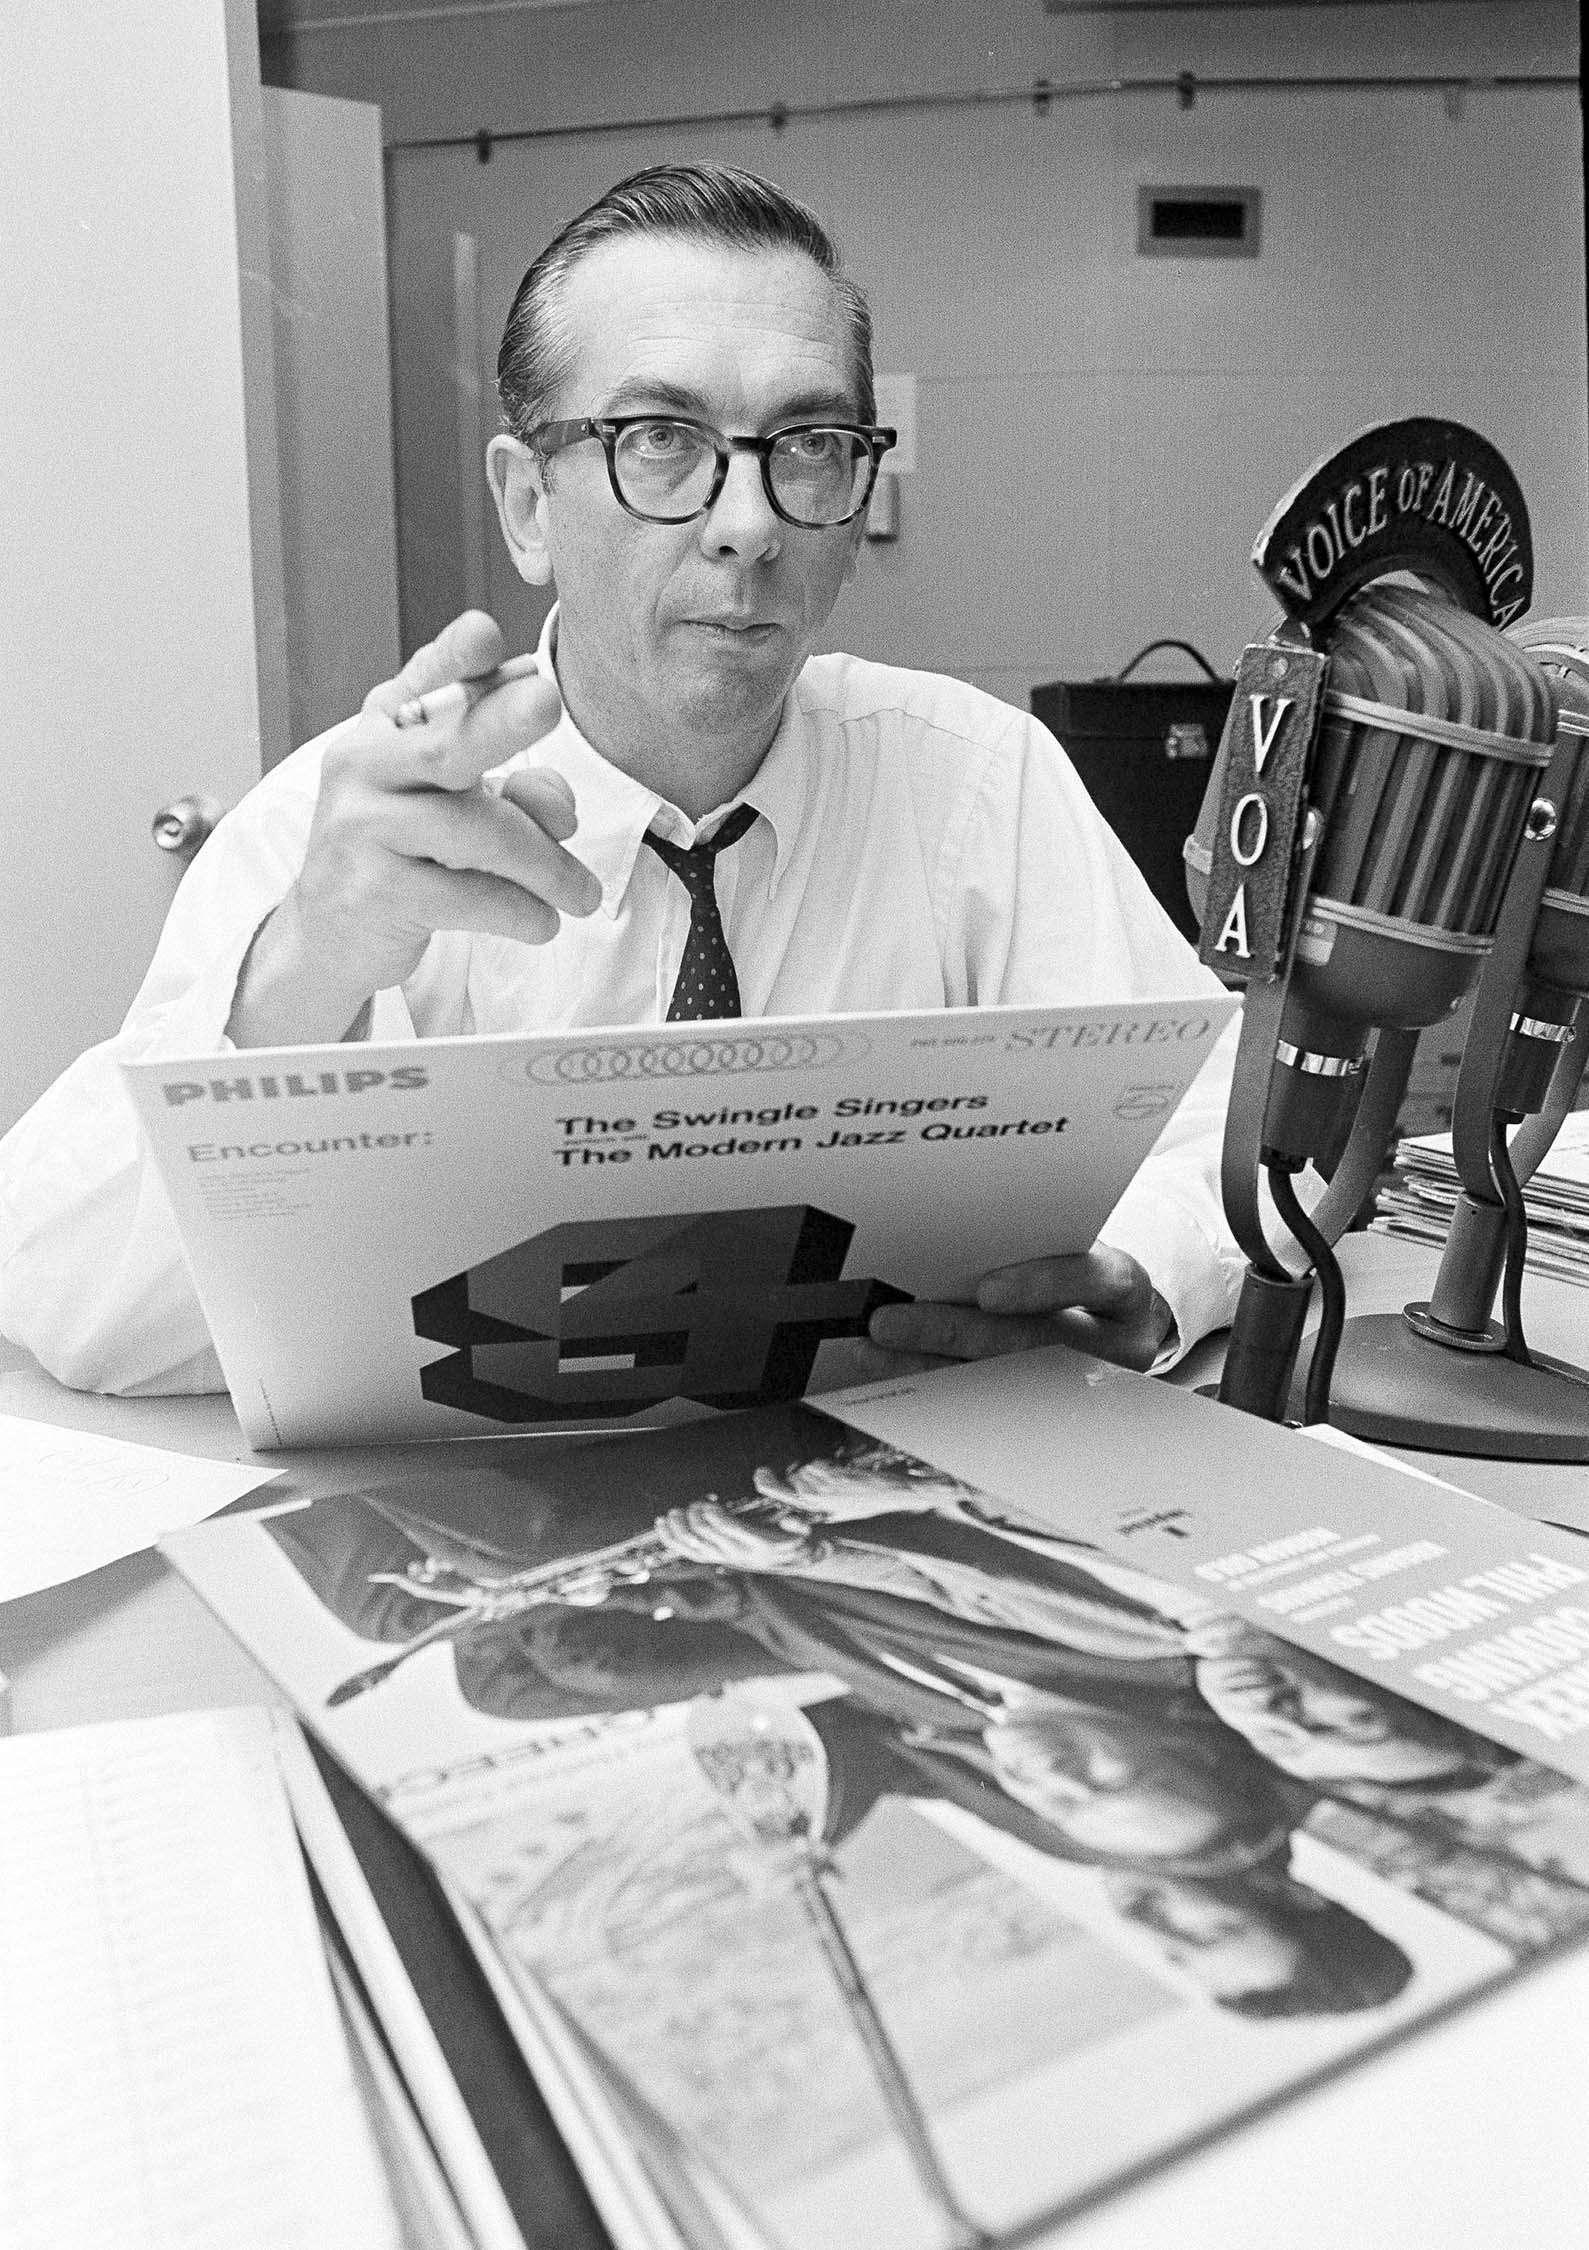 Willis Conover, September 1967